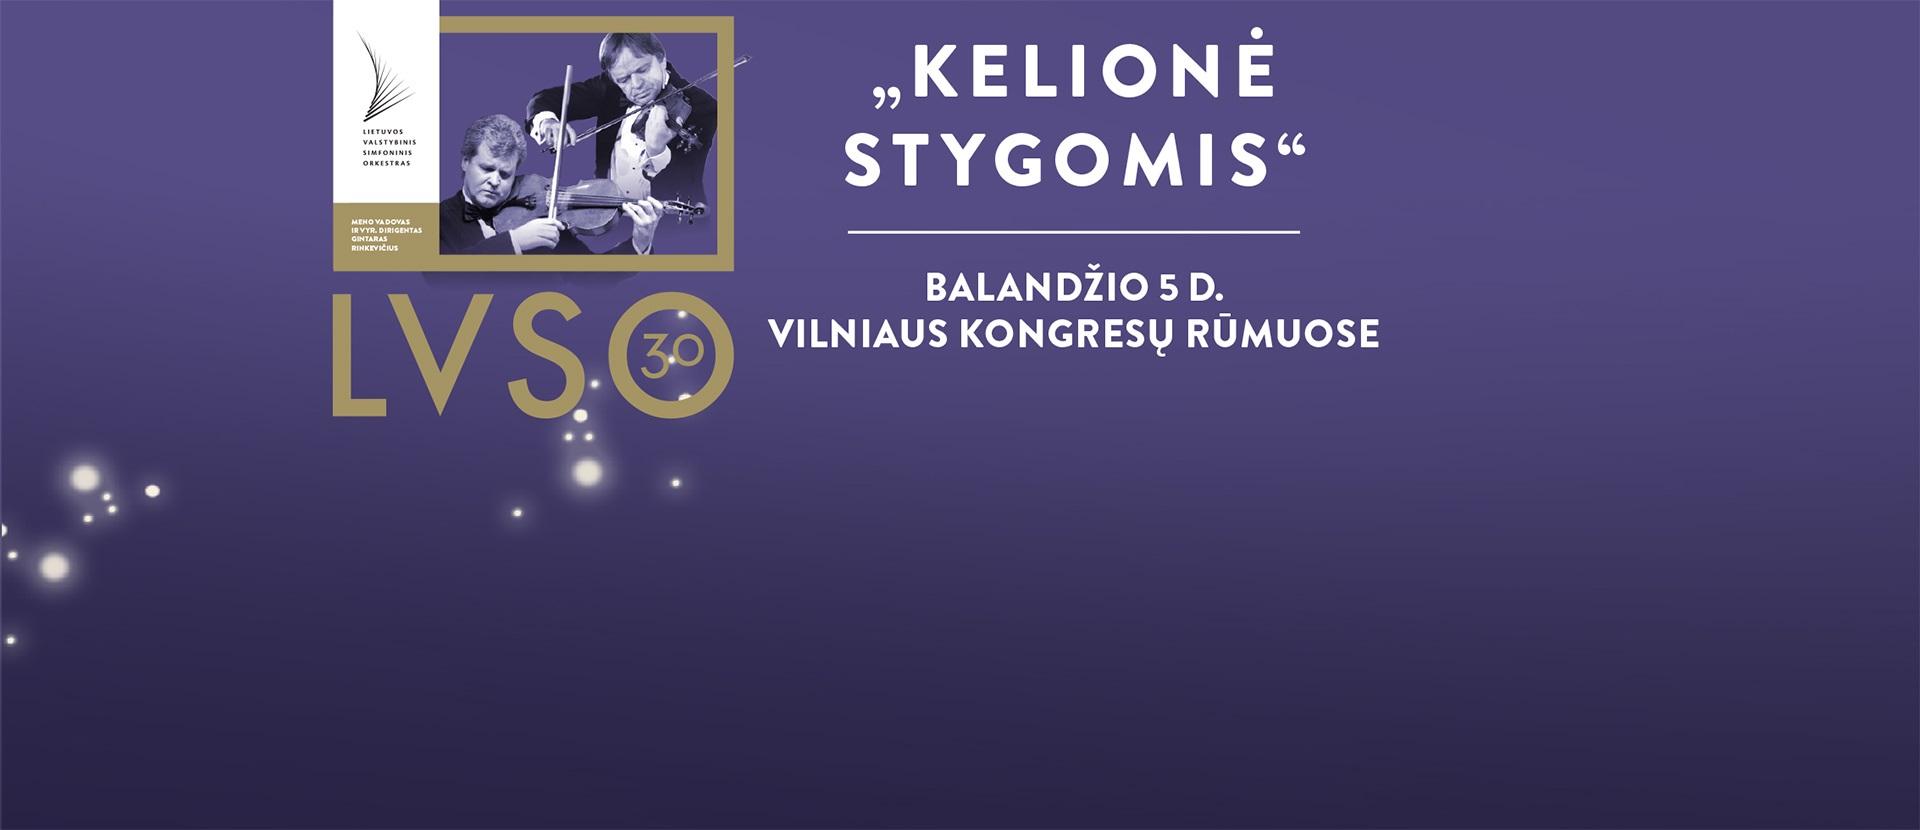 KELIONĖ STYGOMIS